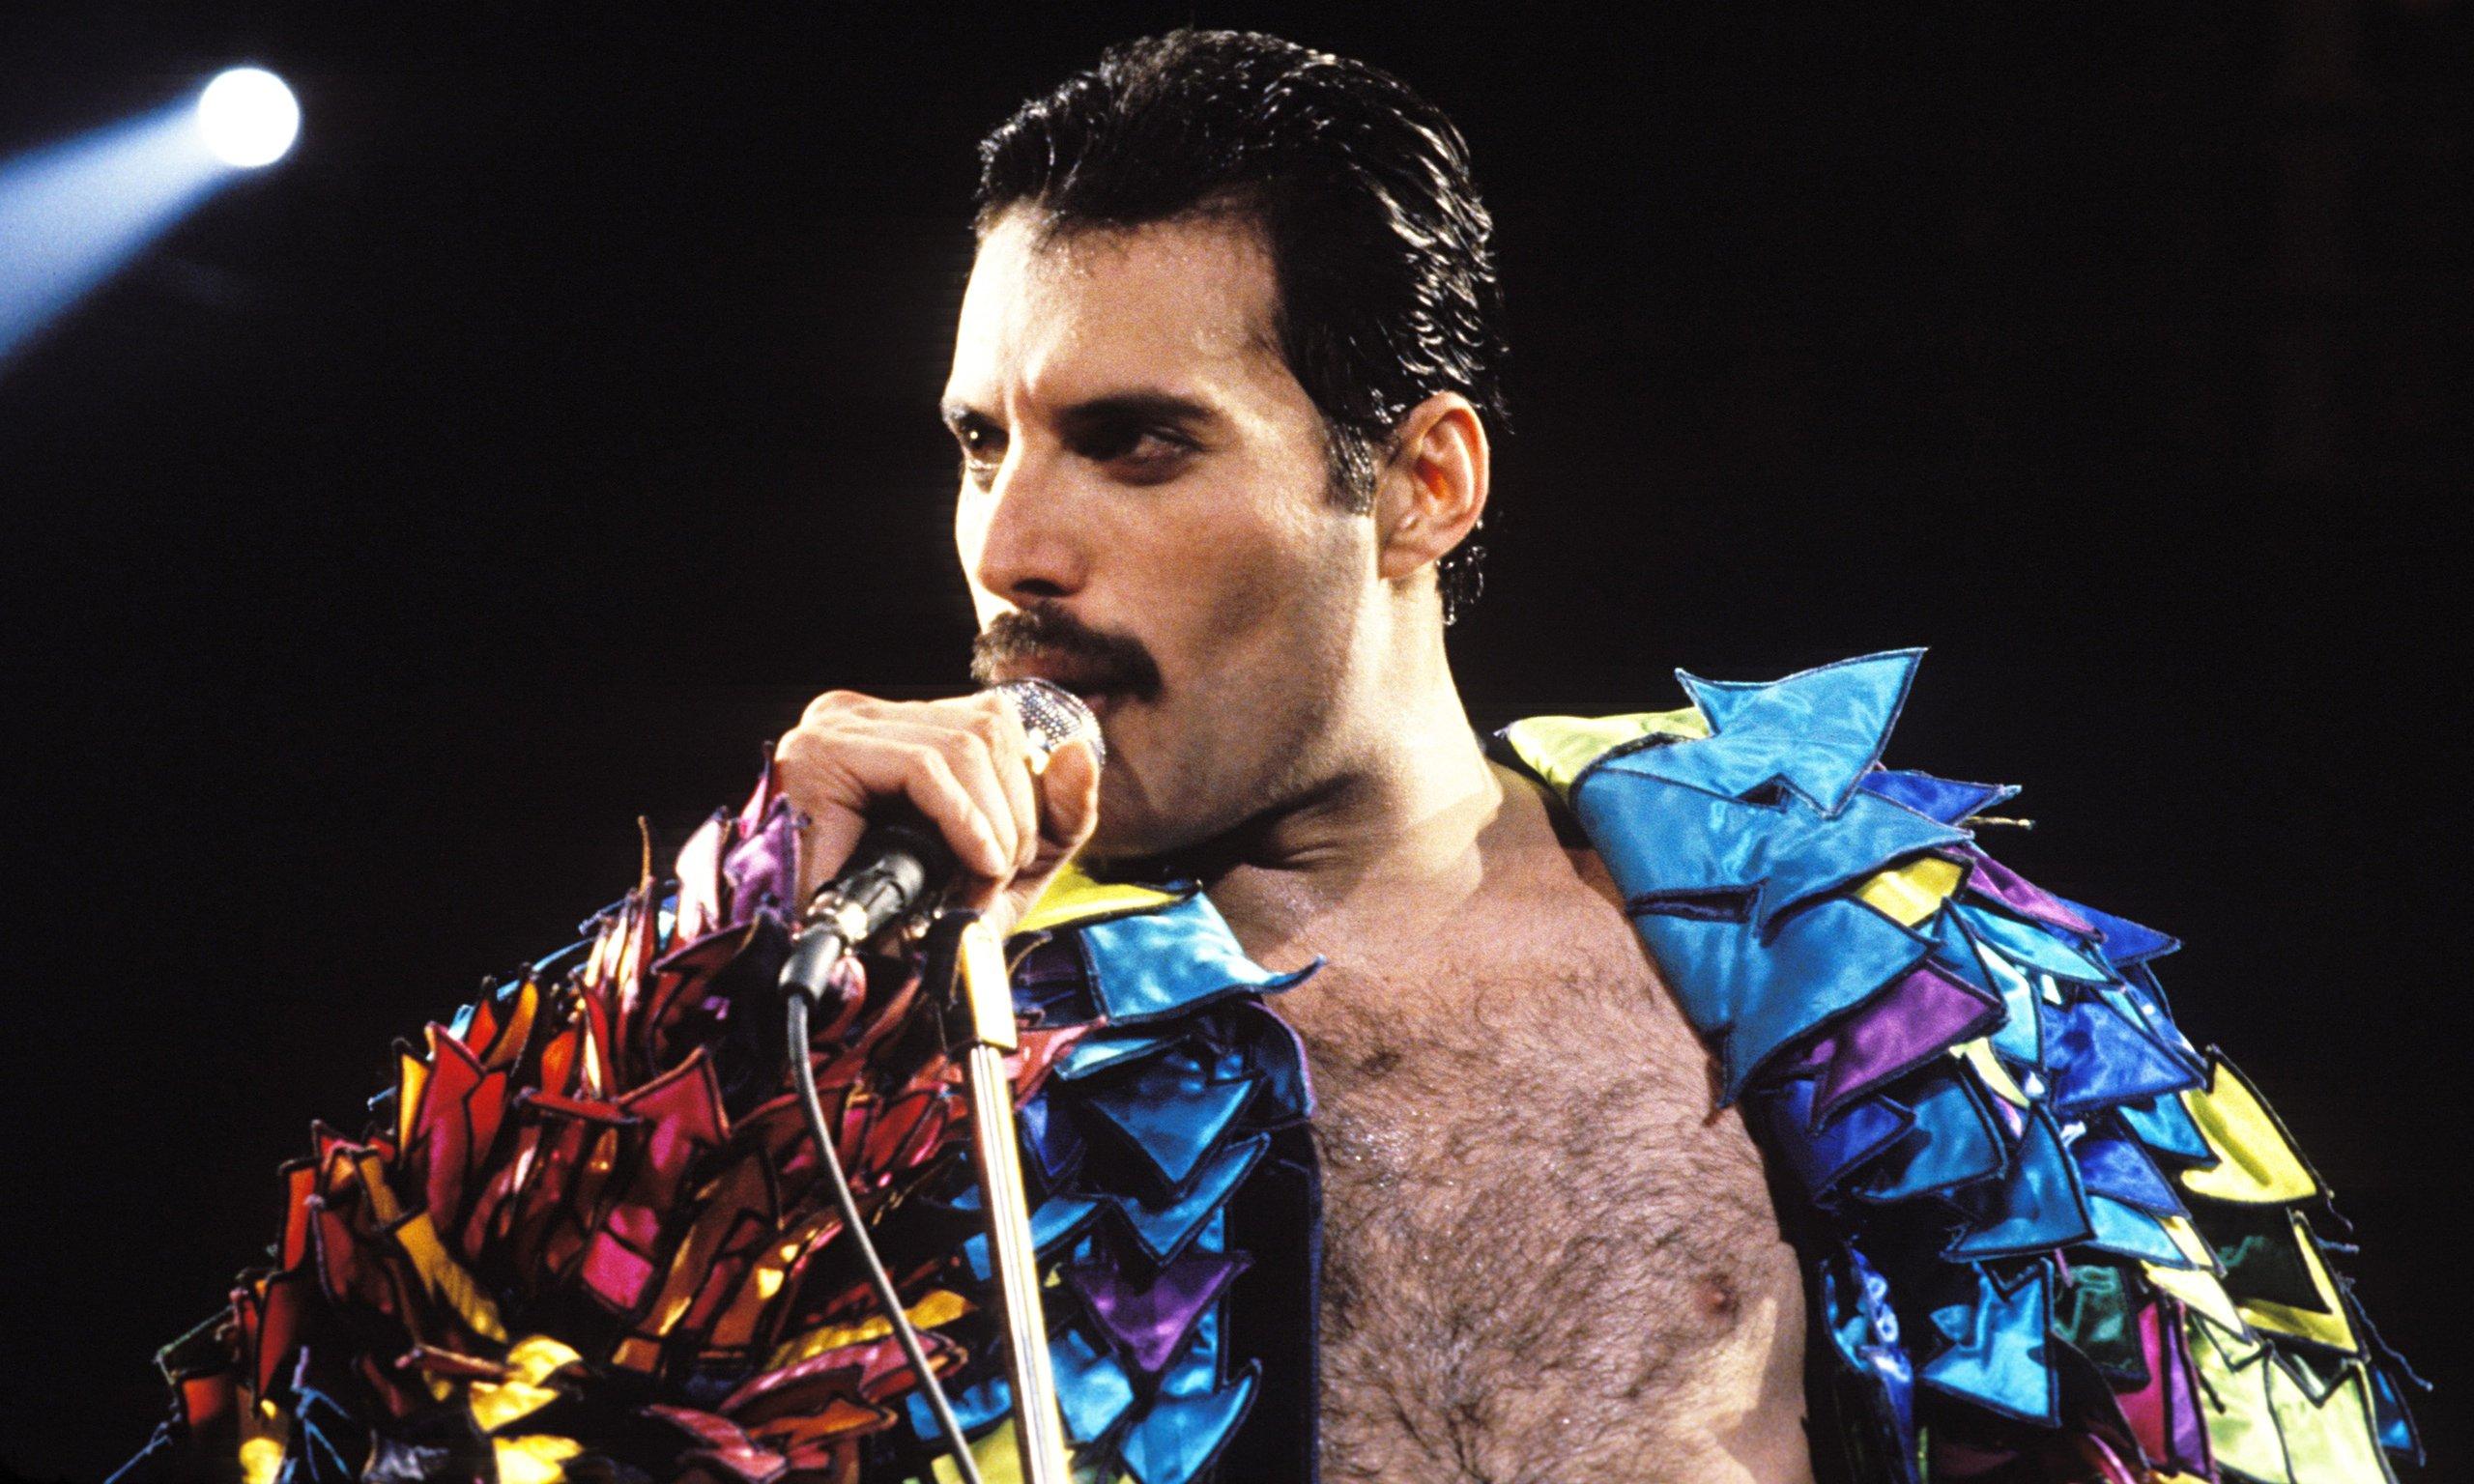 Así fue la cruel agonía de Freddie Mercury